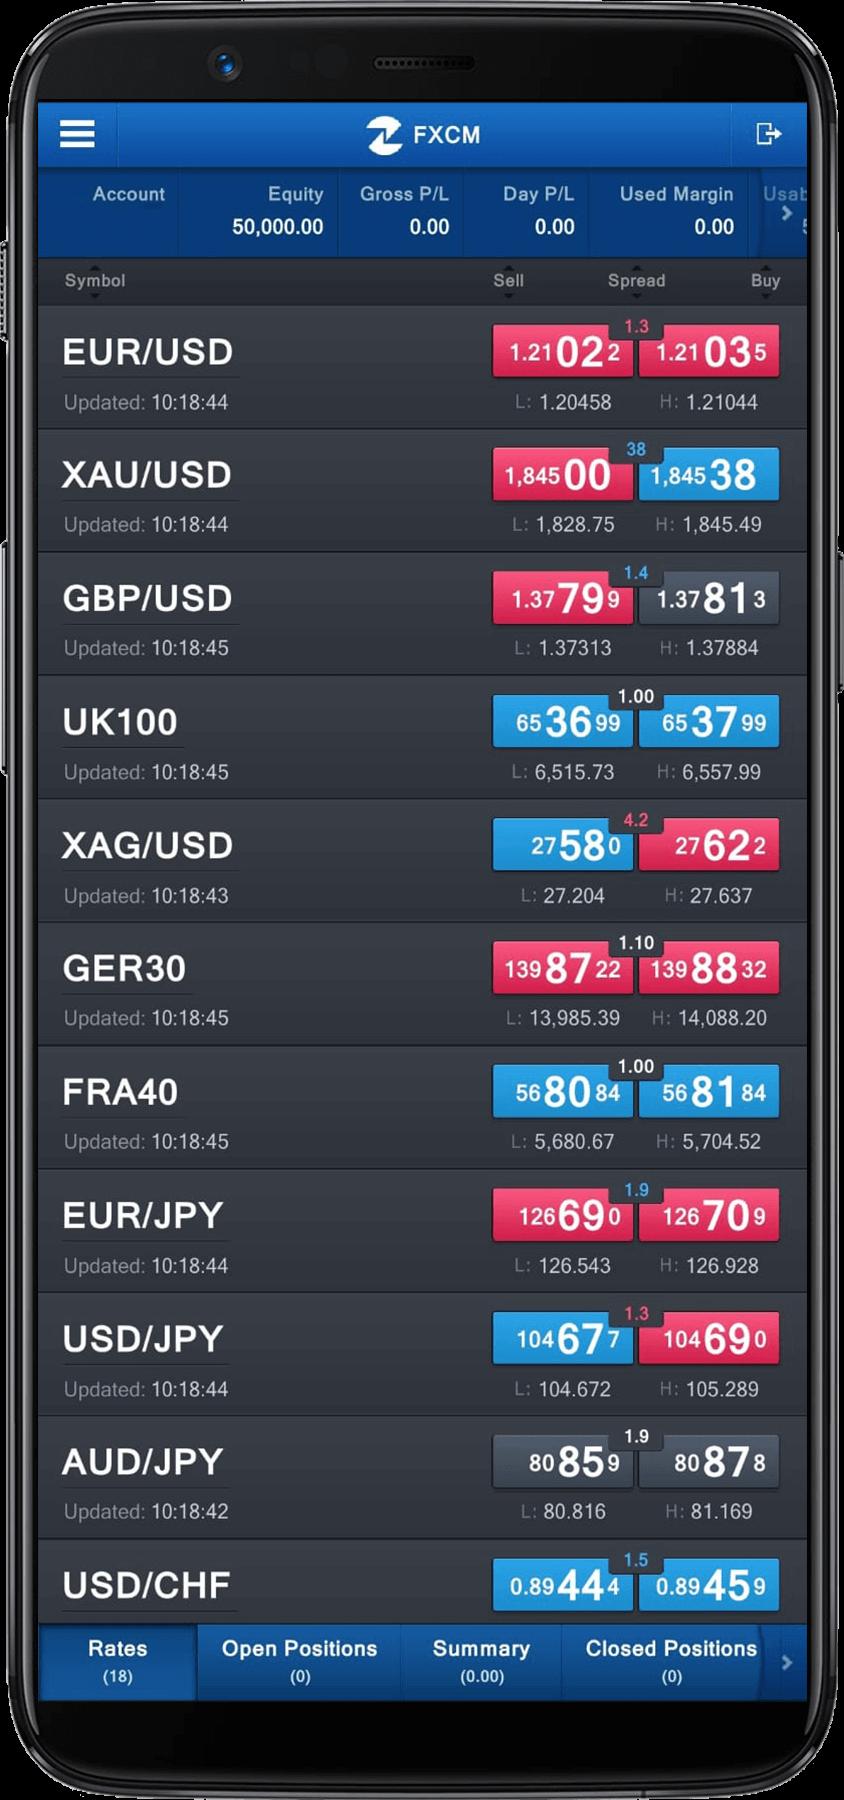 FXCM rates